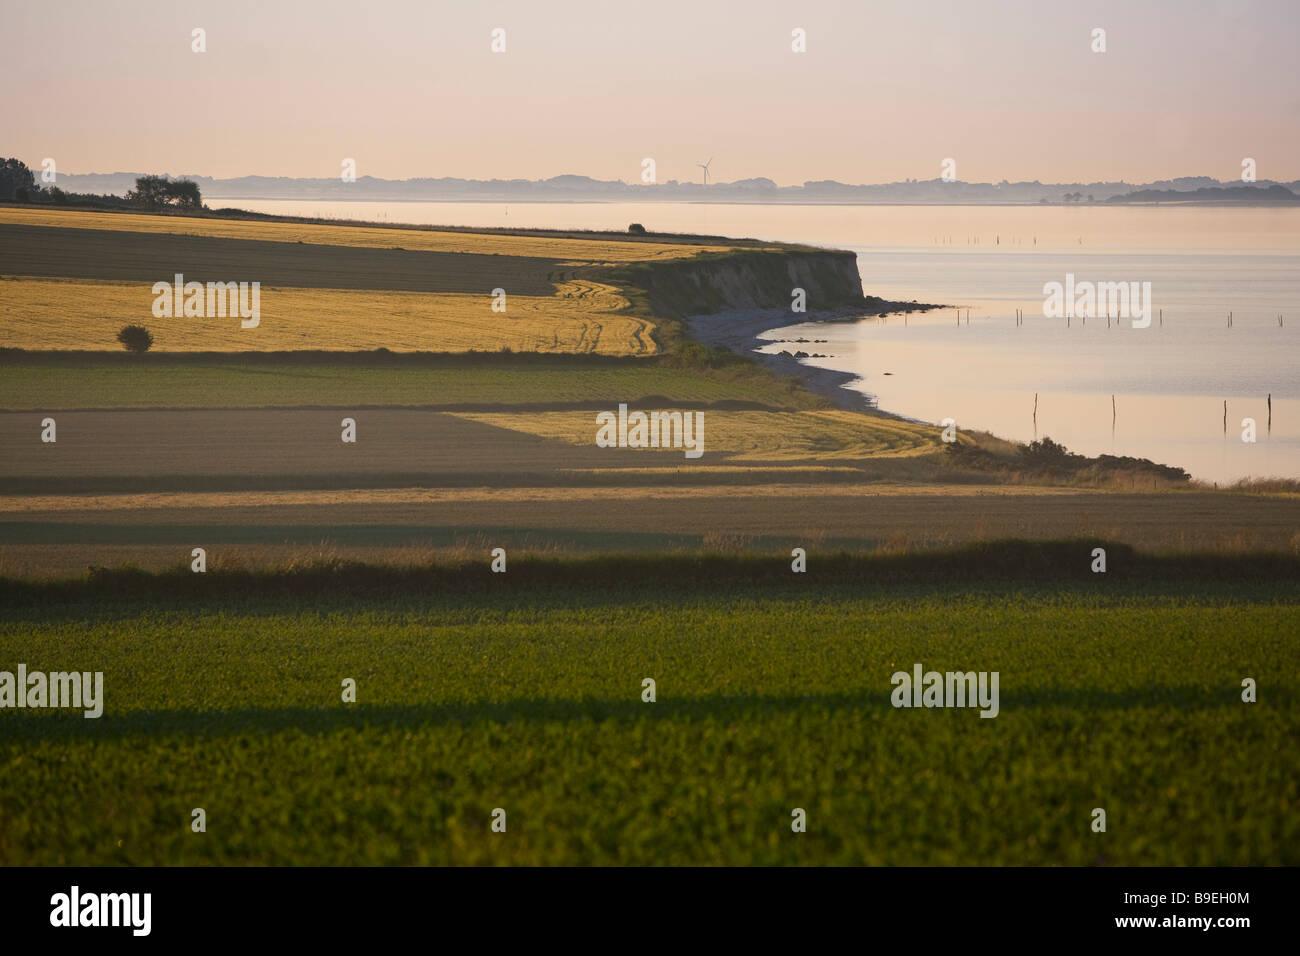 Ærø island Funen Denmark - Stock Image